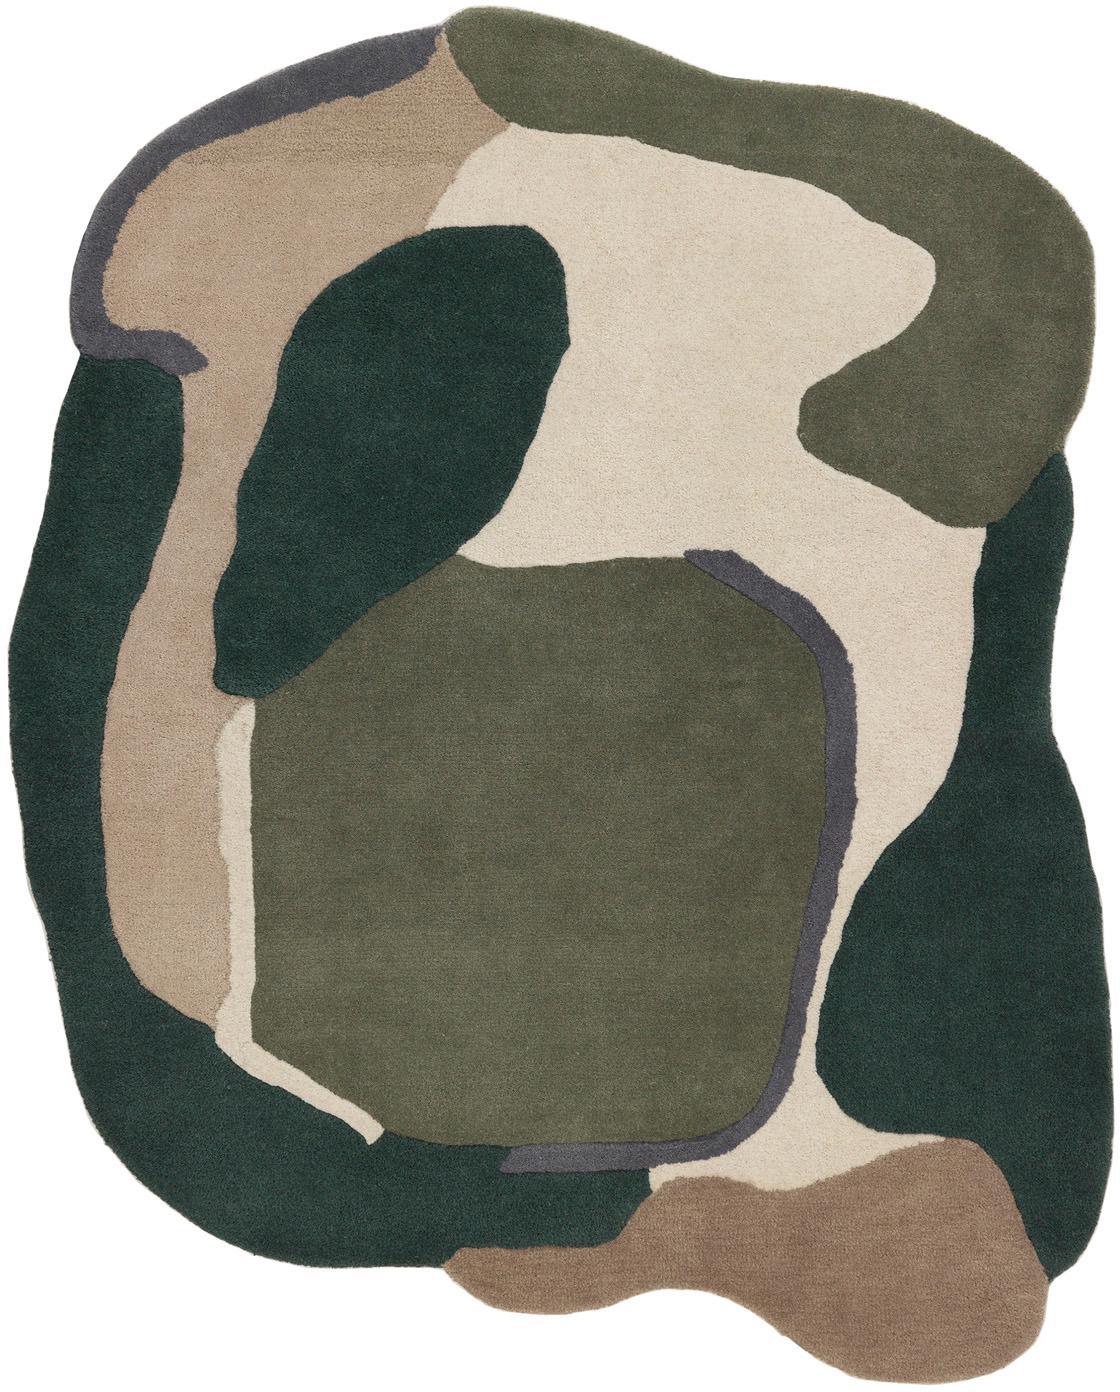 Wollen vloerkleed Oblivian met hoog-laag effect, Bovenzijde: wol, Groen, beige, B 140 x L 180 cm (maat S)